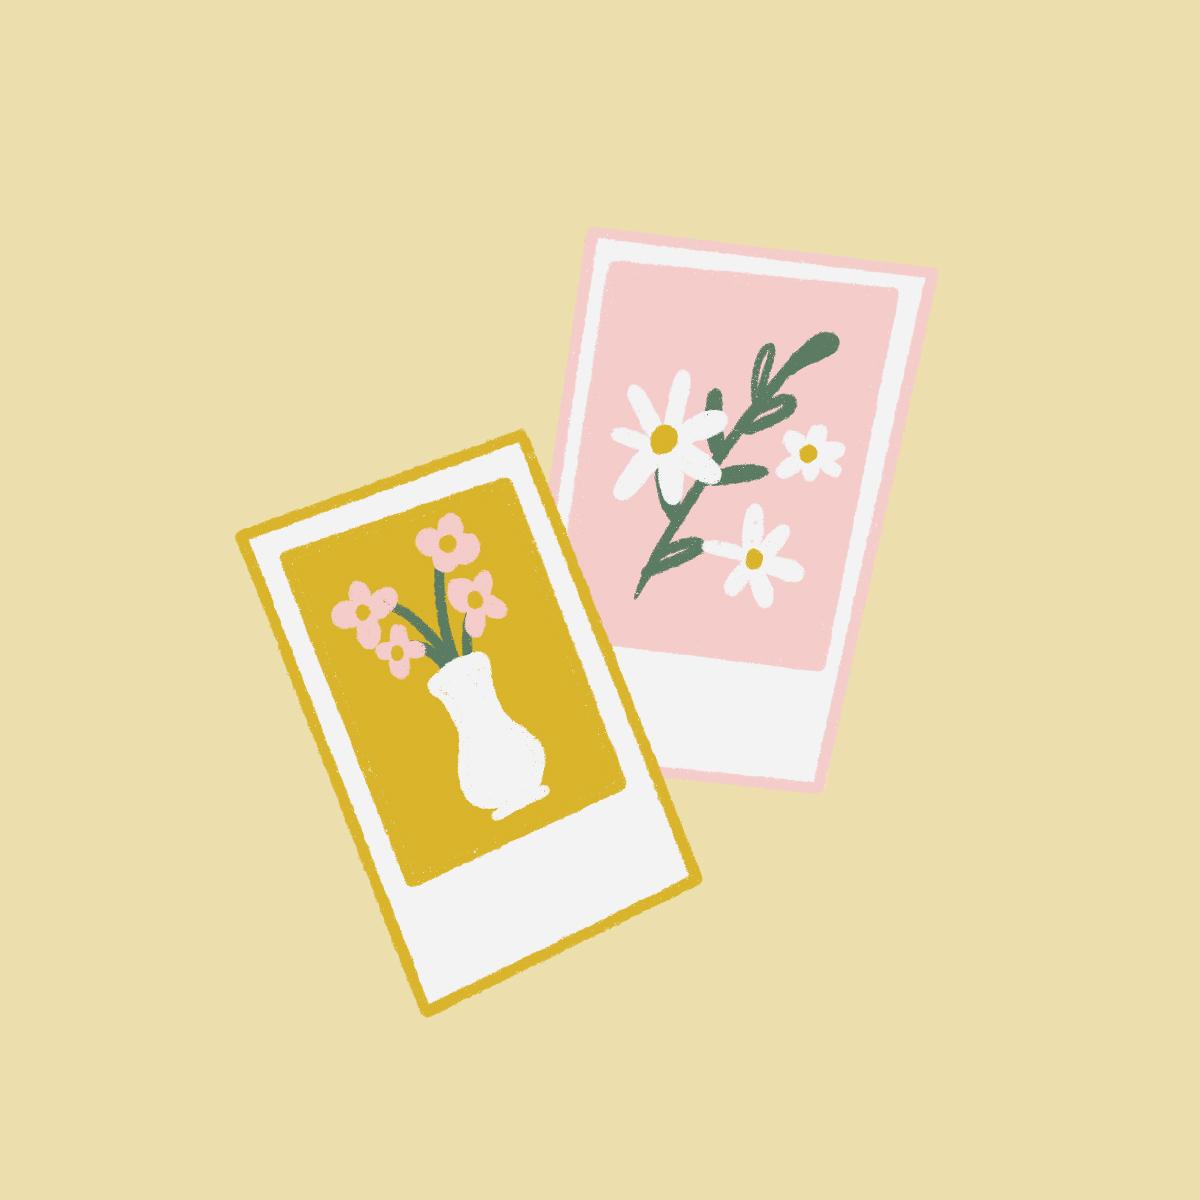 Doodle_Flowers.jpg